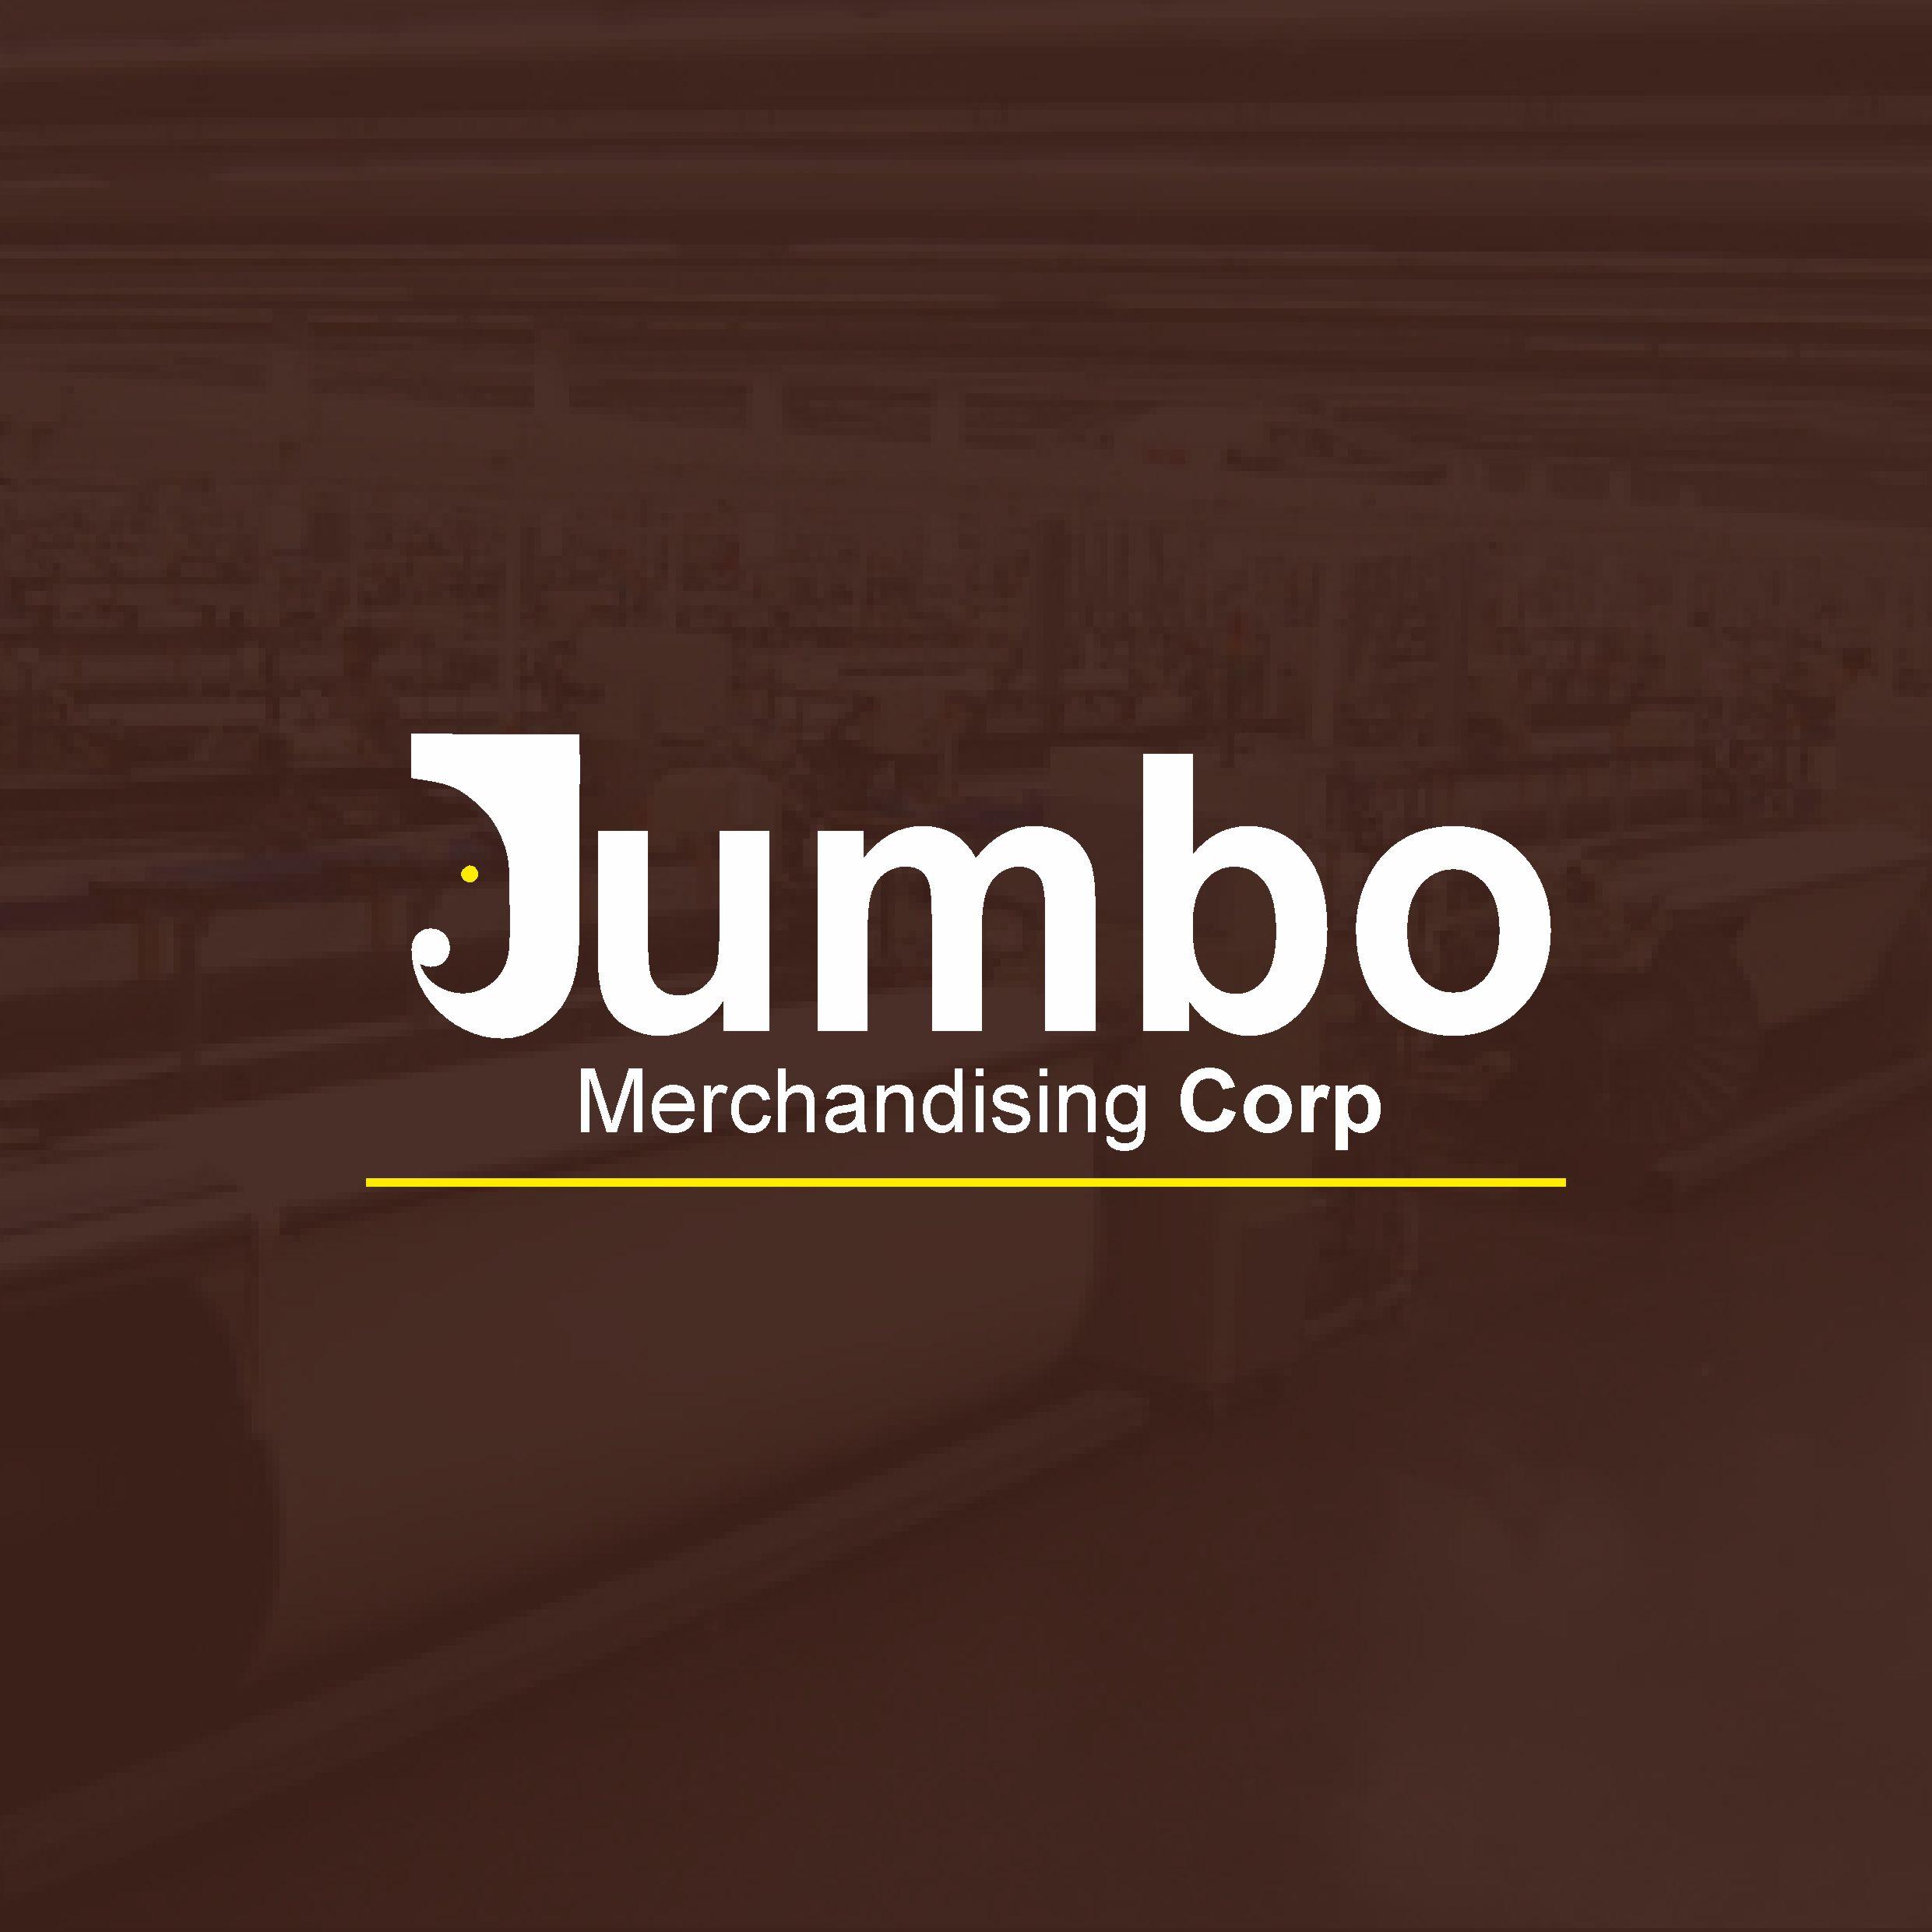 Jumbo Merchandising Corp